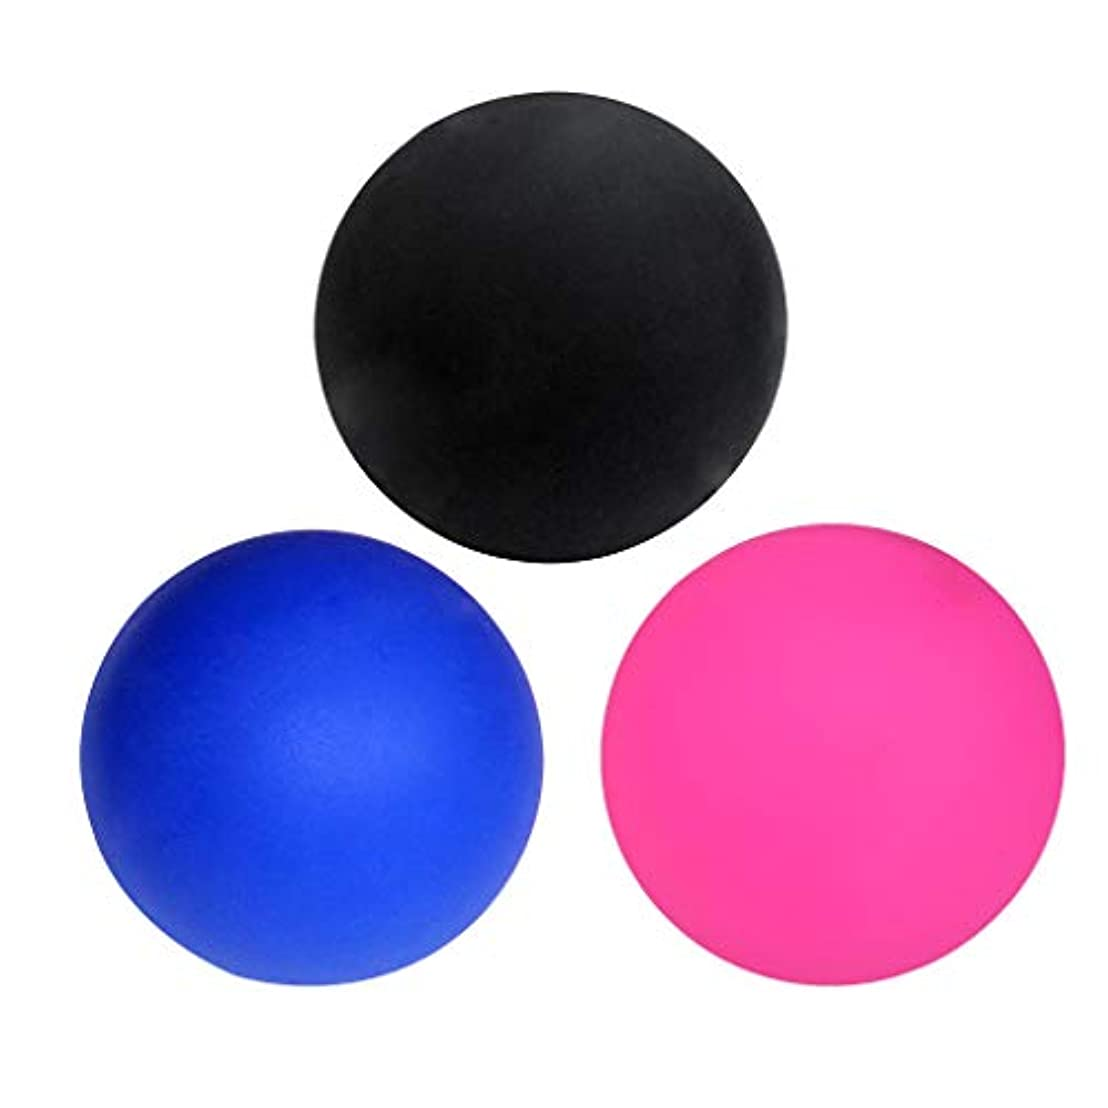 chiwanji 3個 マッサージボール 筋膜リリース ラクロスボール トリガーポイント 疲れ解消ボール ツボ押しグッズ